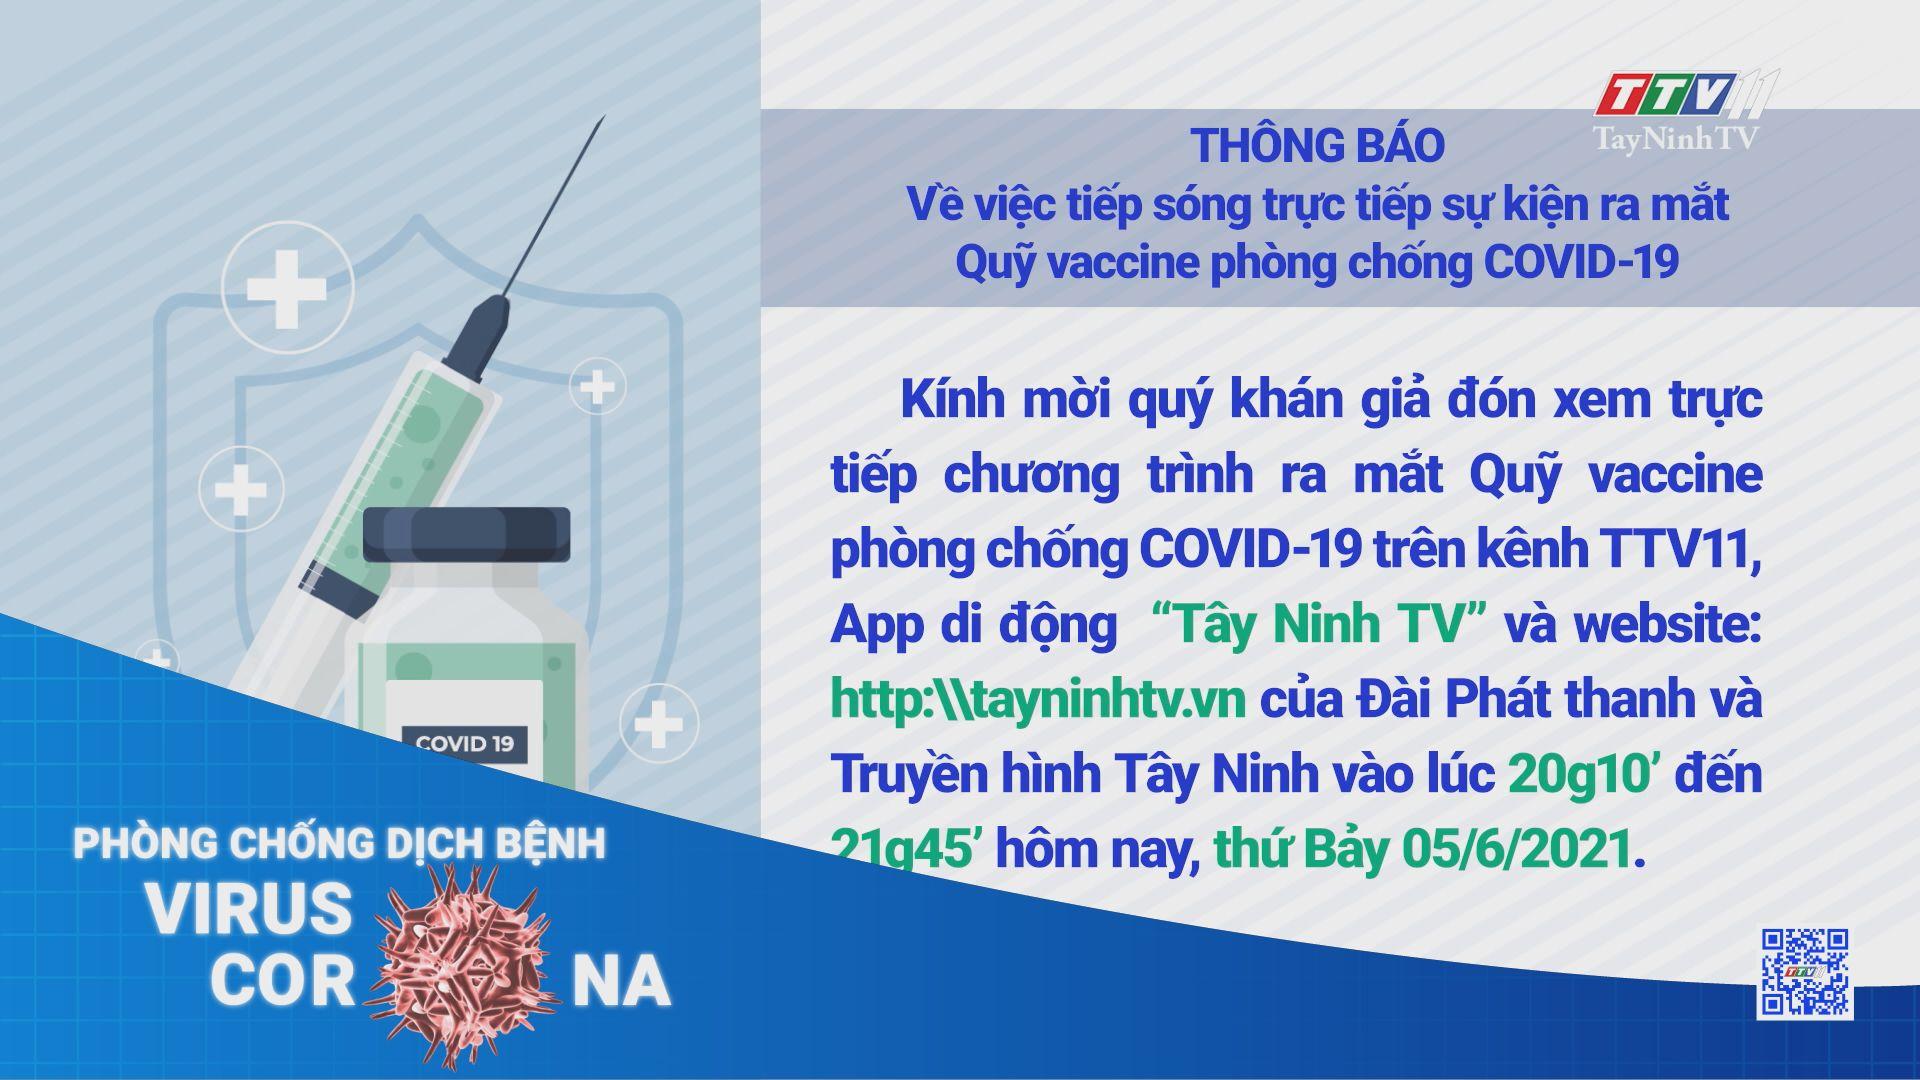 THÔNG BÁO - Về việc tiếp sóng trực tiếp sự kiện ra mắt Quỹ vaccine phòng chống COVID-19 | TayNinhTV